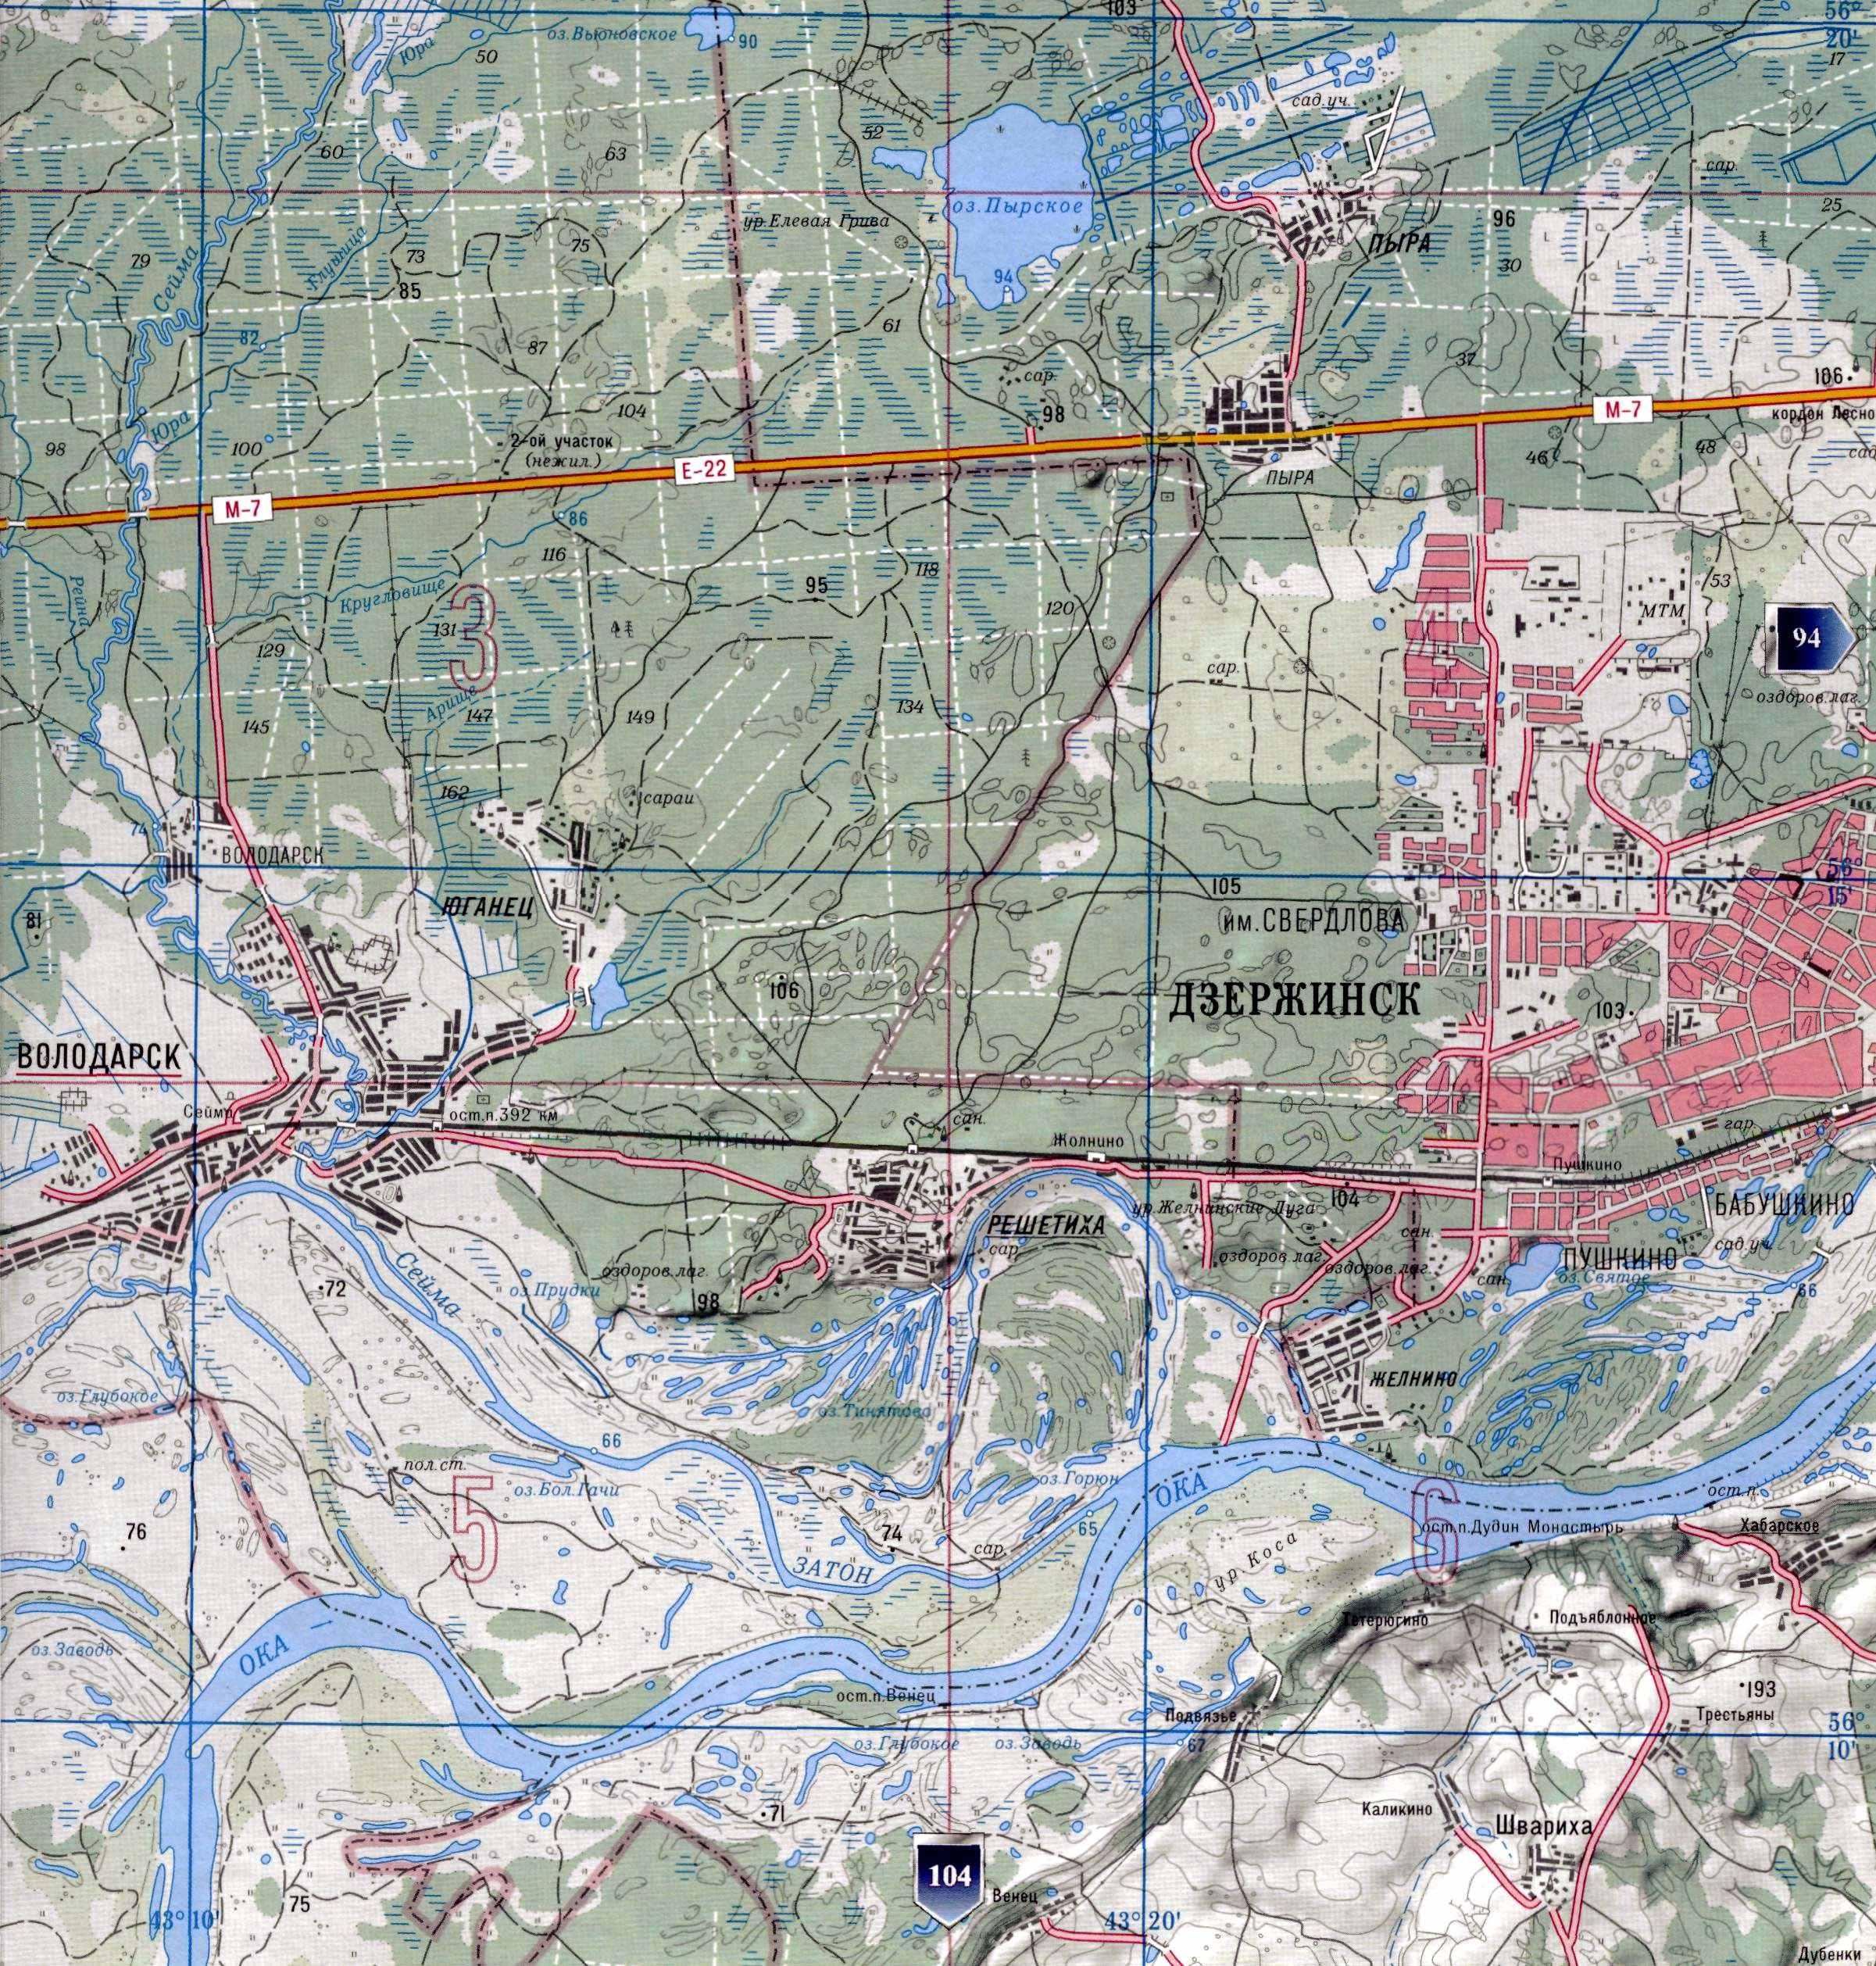 Смотрите карту глубин лоция реки ока